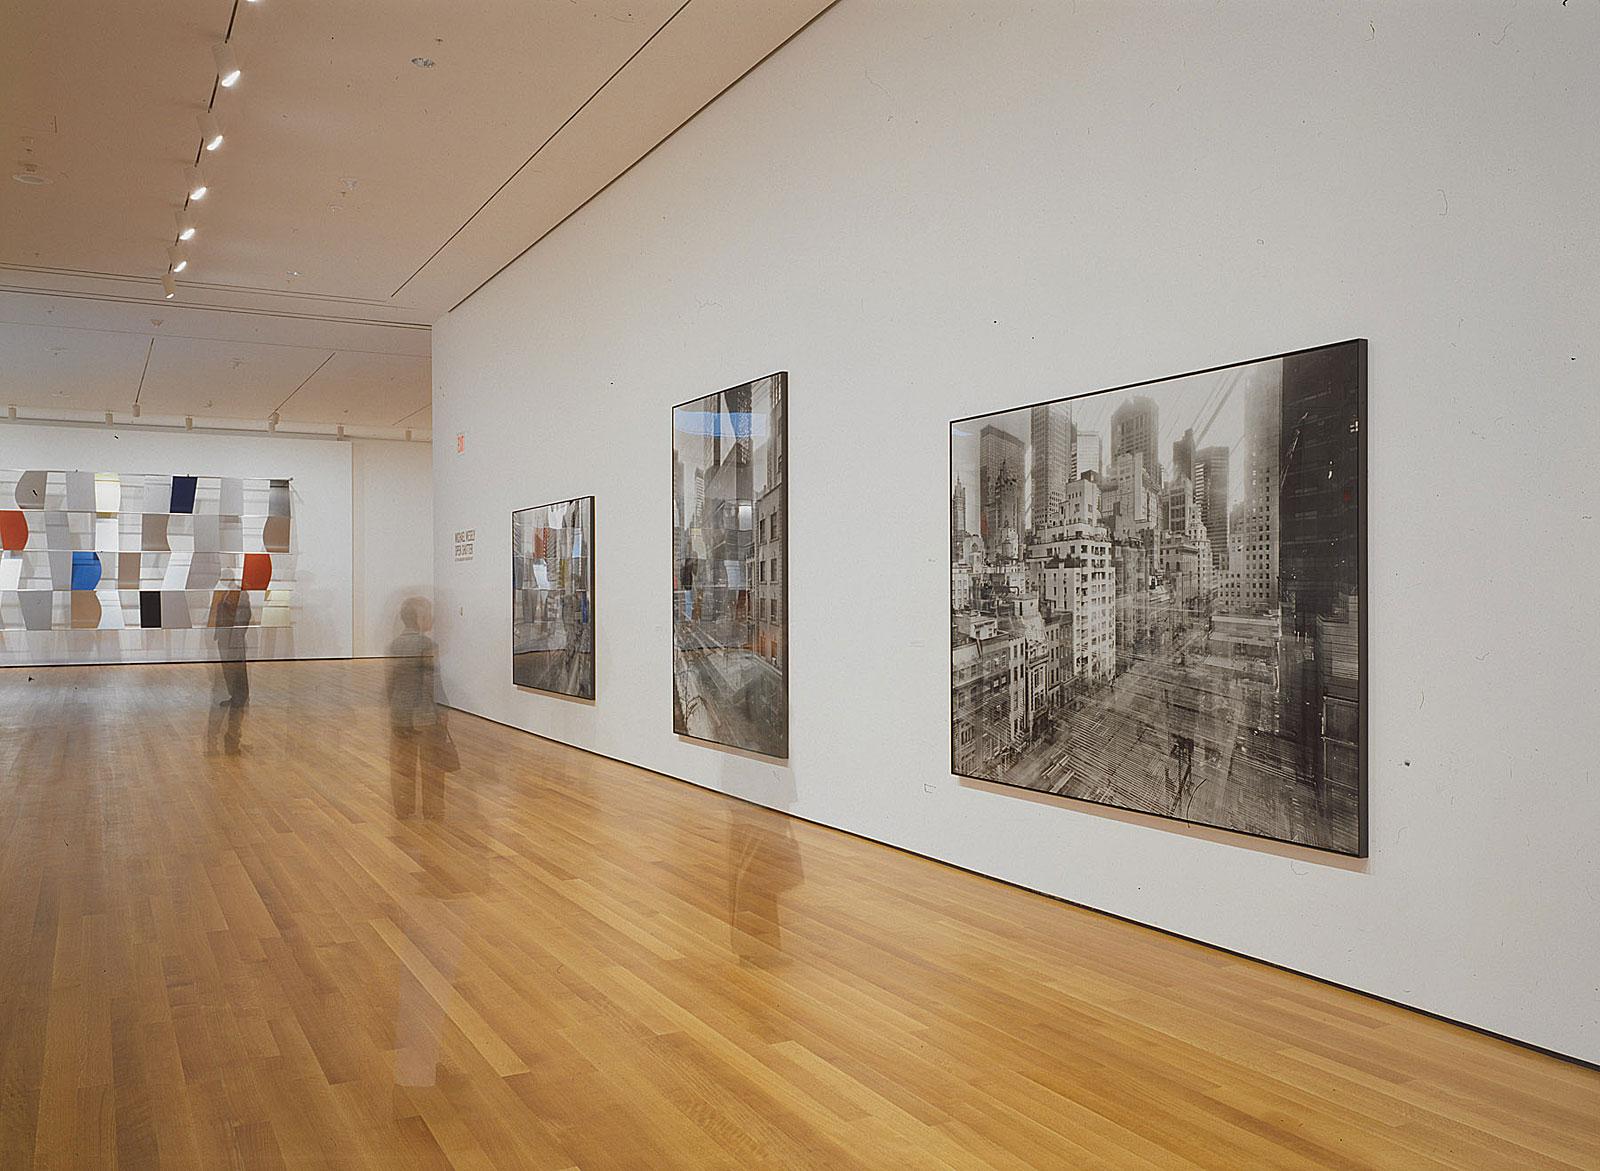 The Museum of Modern Art, New York (14.27 - 14.32 Uhr, 19.11.2004)